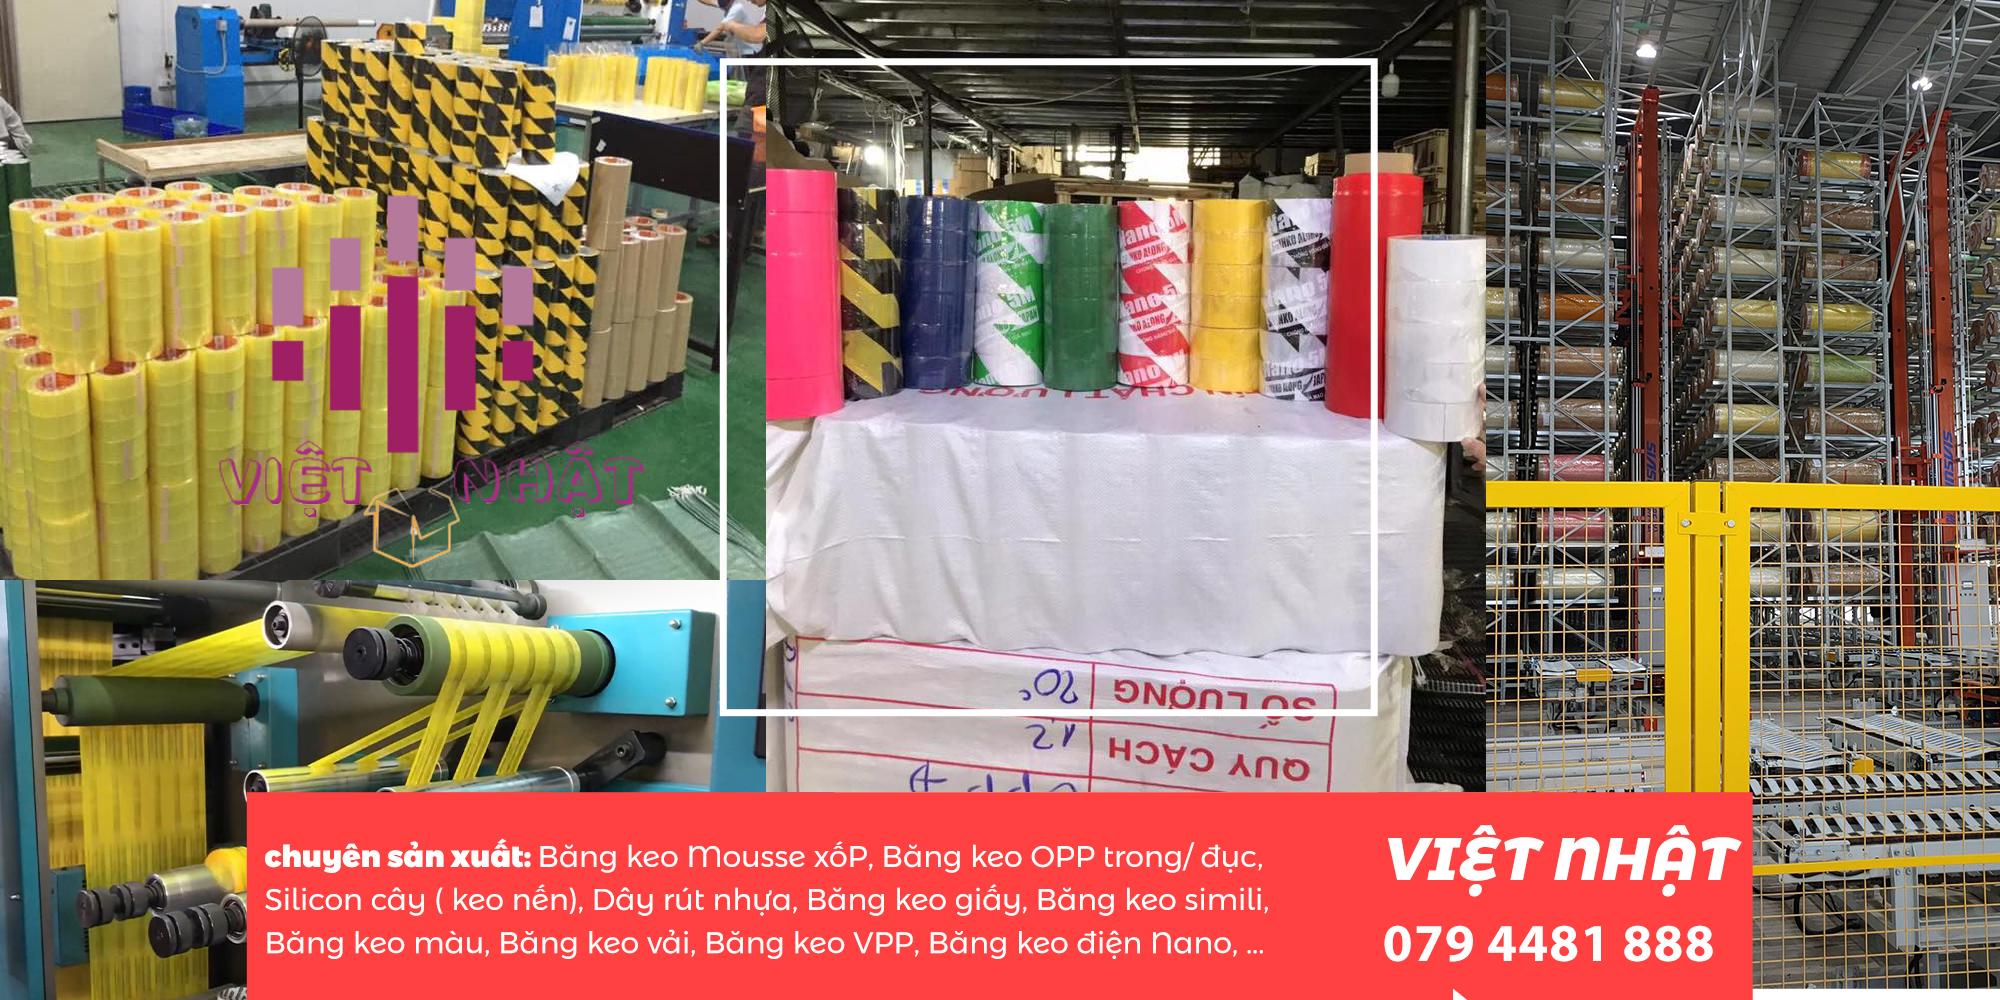 Vì vậy, băng keo trong dán thùng là một lựa chọn tối ưu nhất có thể đáp ứng được các yêu cầu của khách hàng, đặc biệt khâu bao bì đóng gói, bắt buộc chúng ta phải sử dụng băng keo trong dán thùng. BĂNG KEO VIỆT NHẬT chuyên sản xuất băng keo trong dán thùng được sản xuất và cung cấp ngay tại xưởng, không thông qua bất kỳ một khâu trung gian nào. Chính vì thế, việt nhật đảm bảo cho quý khách hàng giá cả của sản phẩm luôn hợp lý và cạnh tranh nhất trên thị trường.